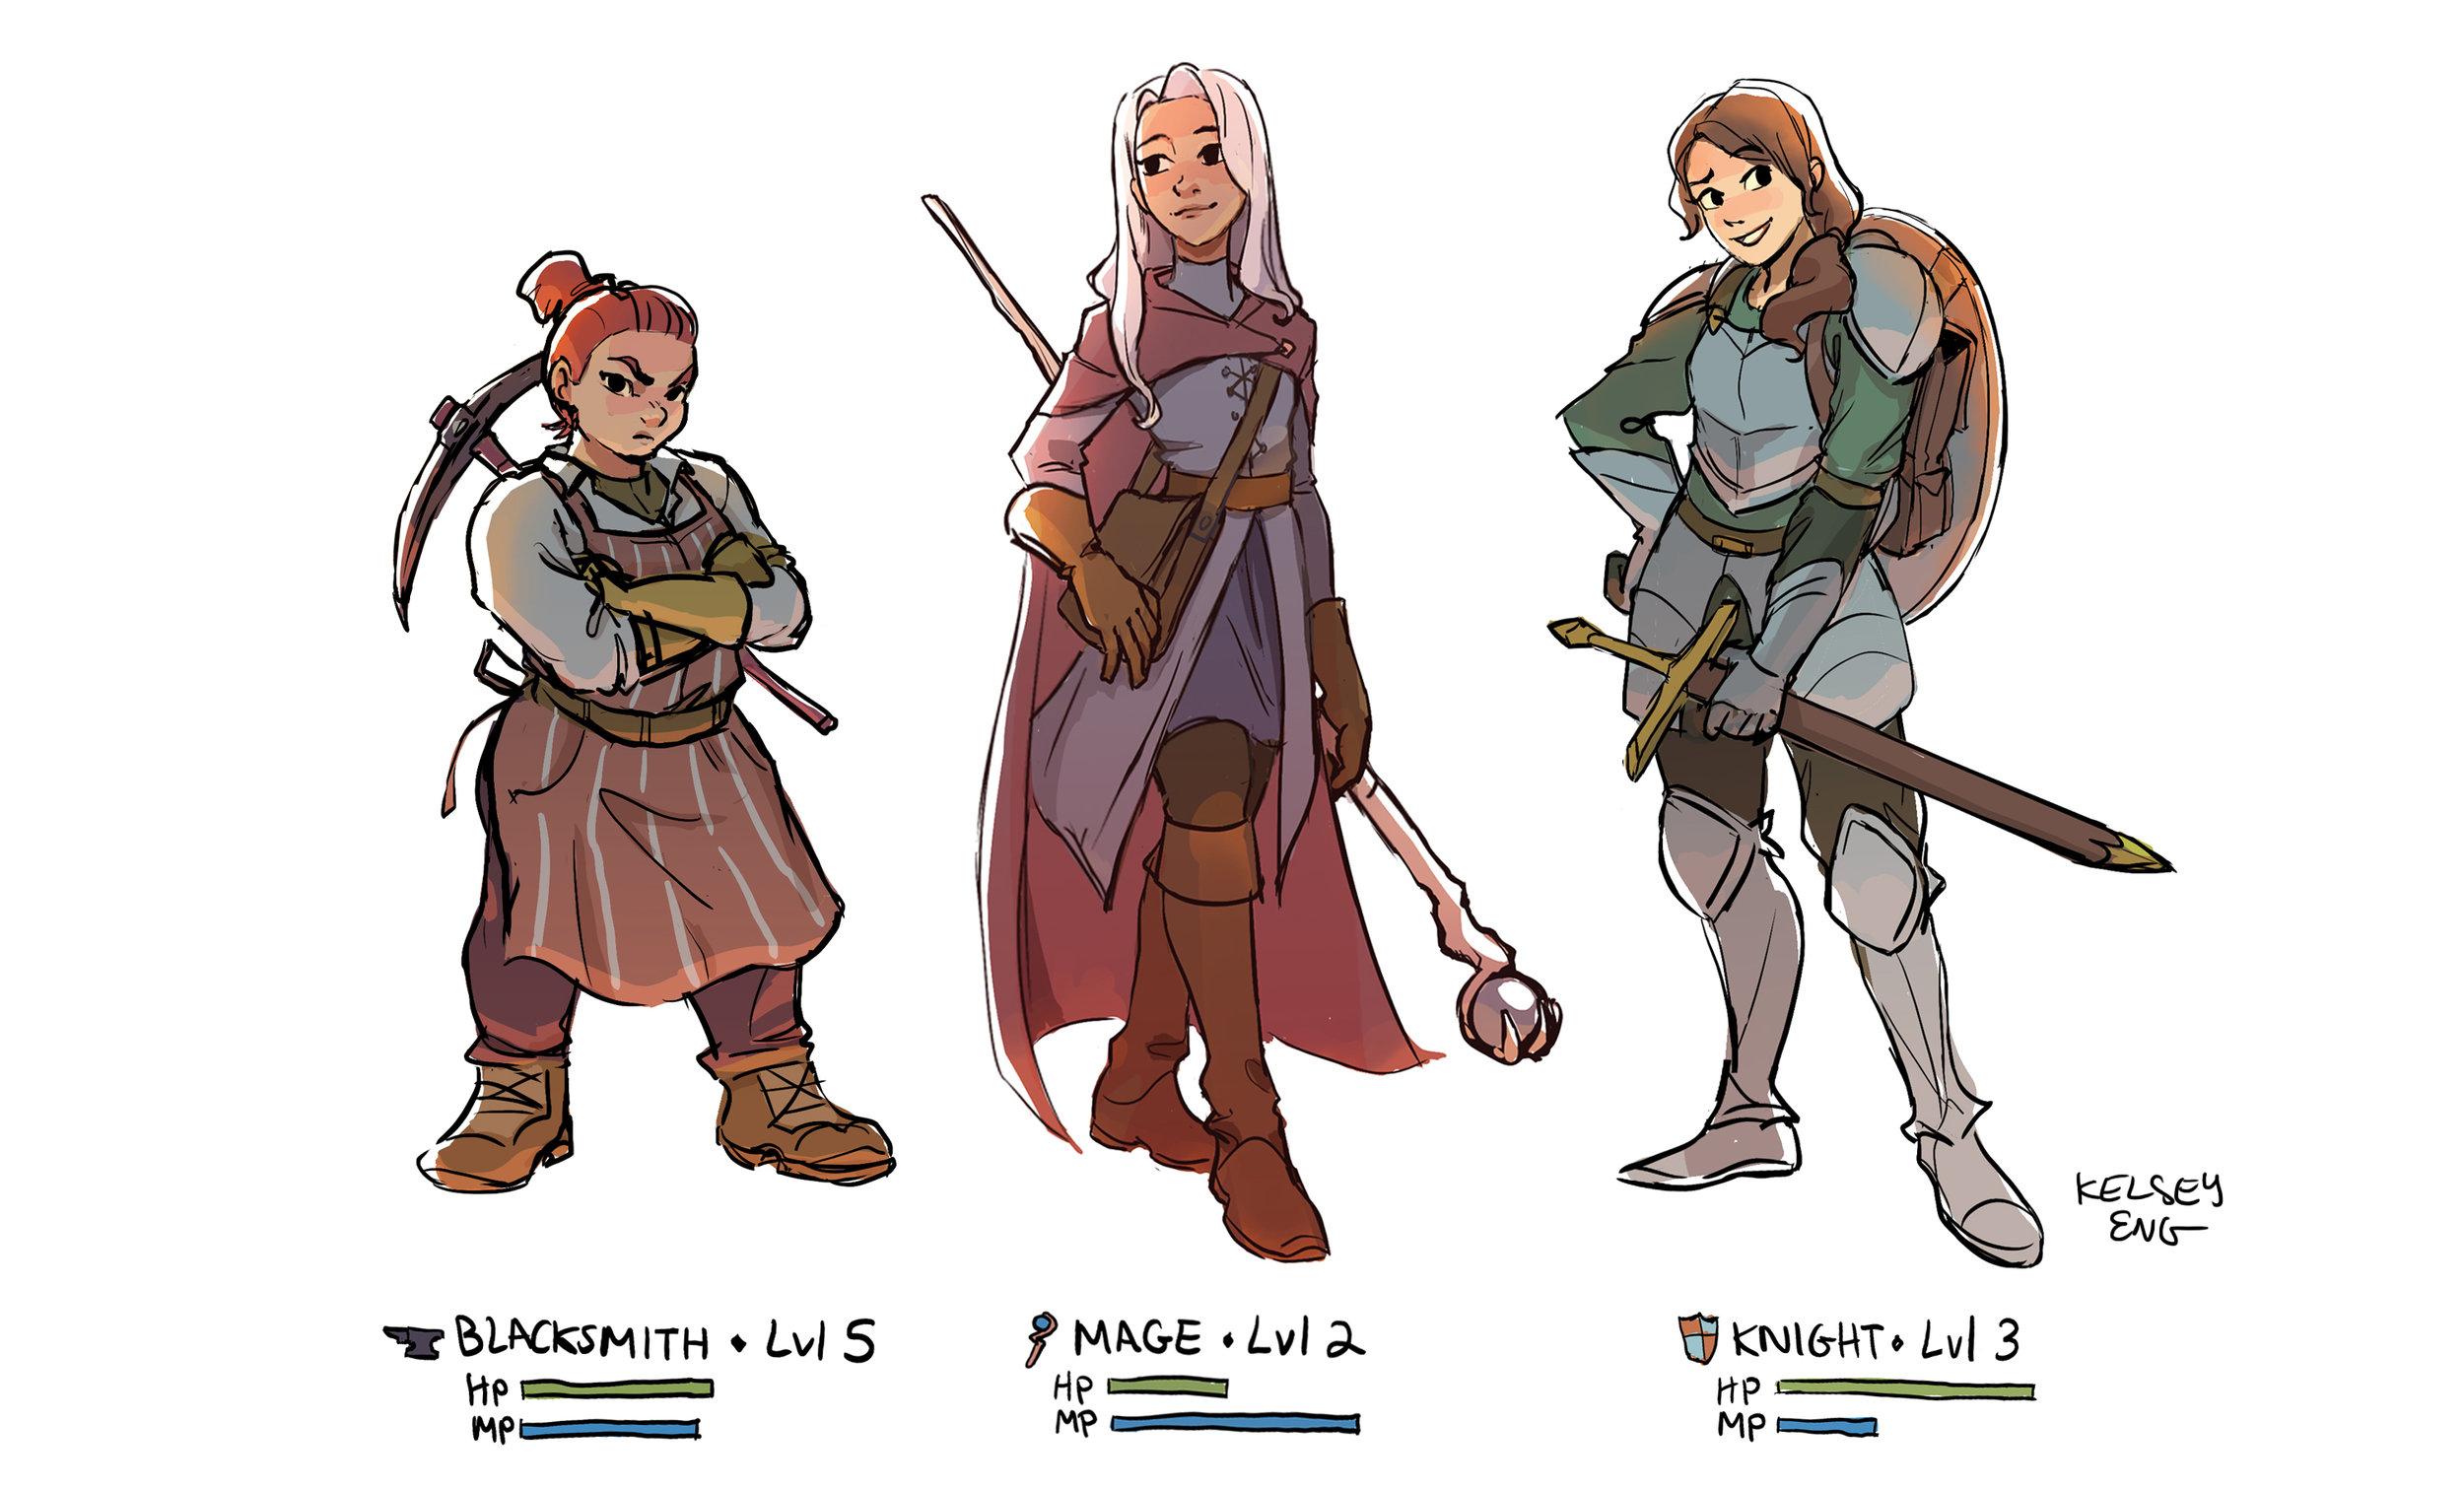 rpg-girls-chars.jpg